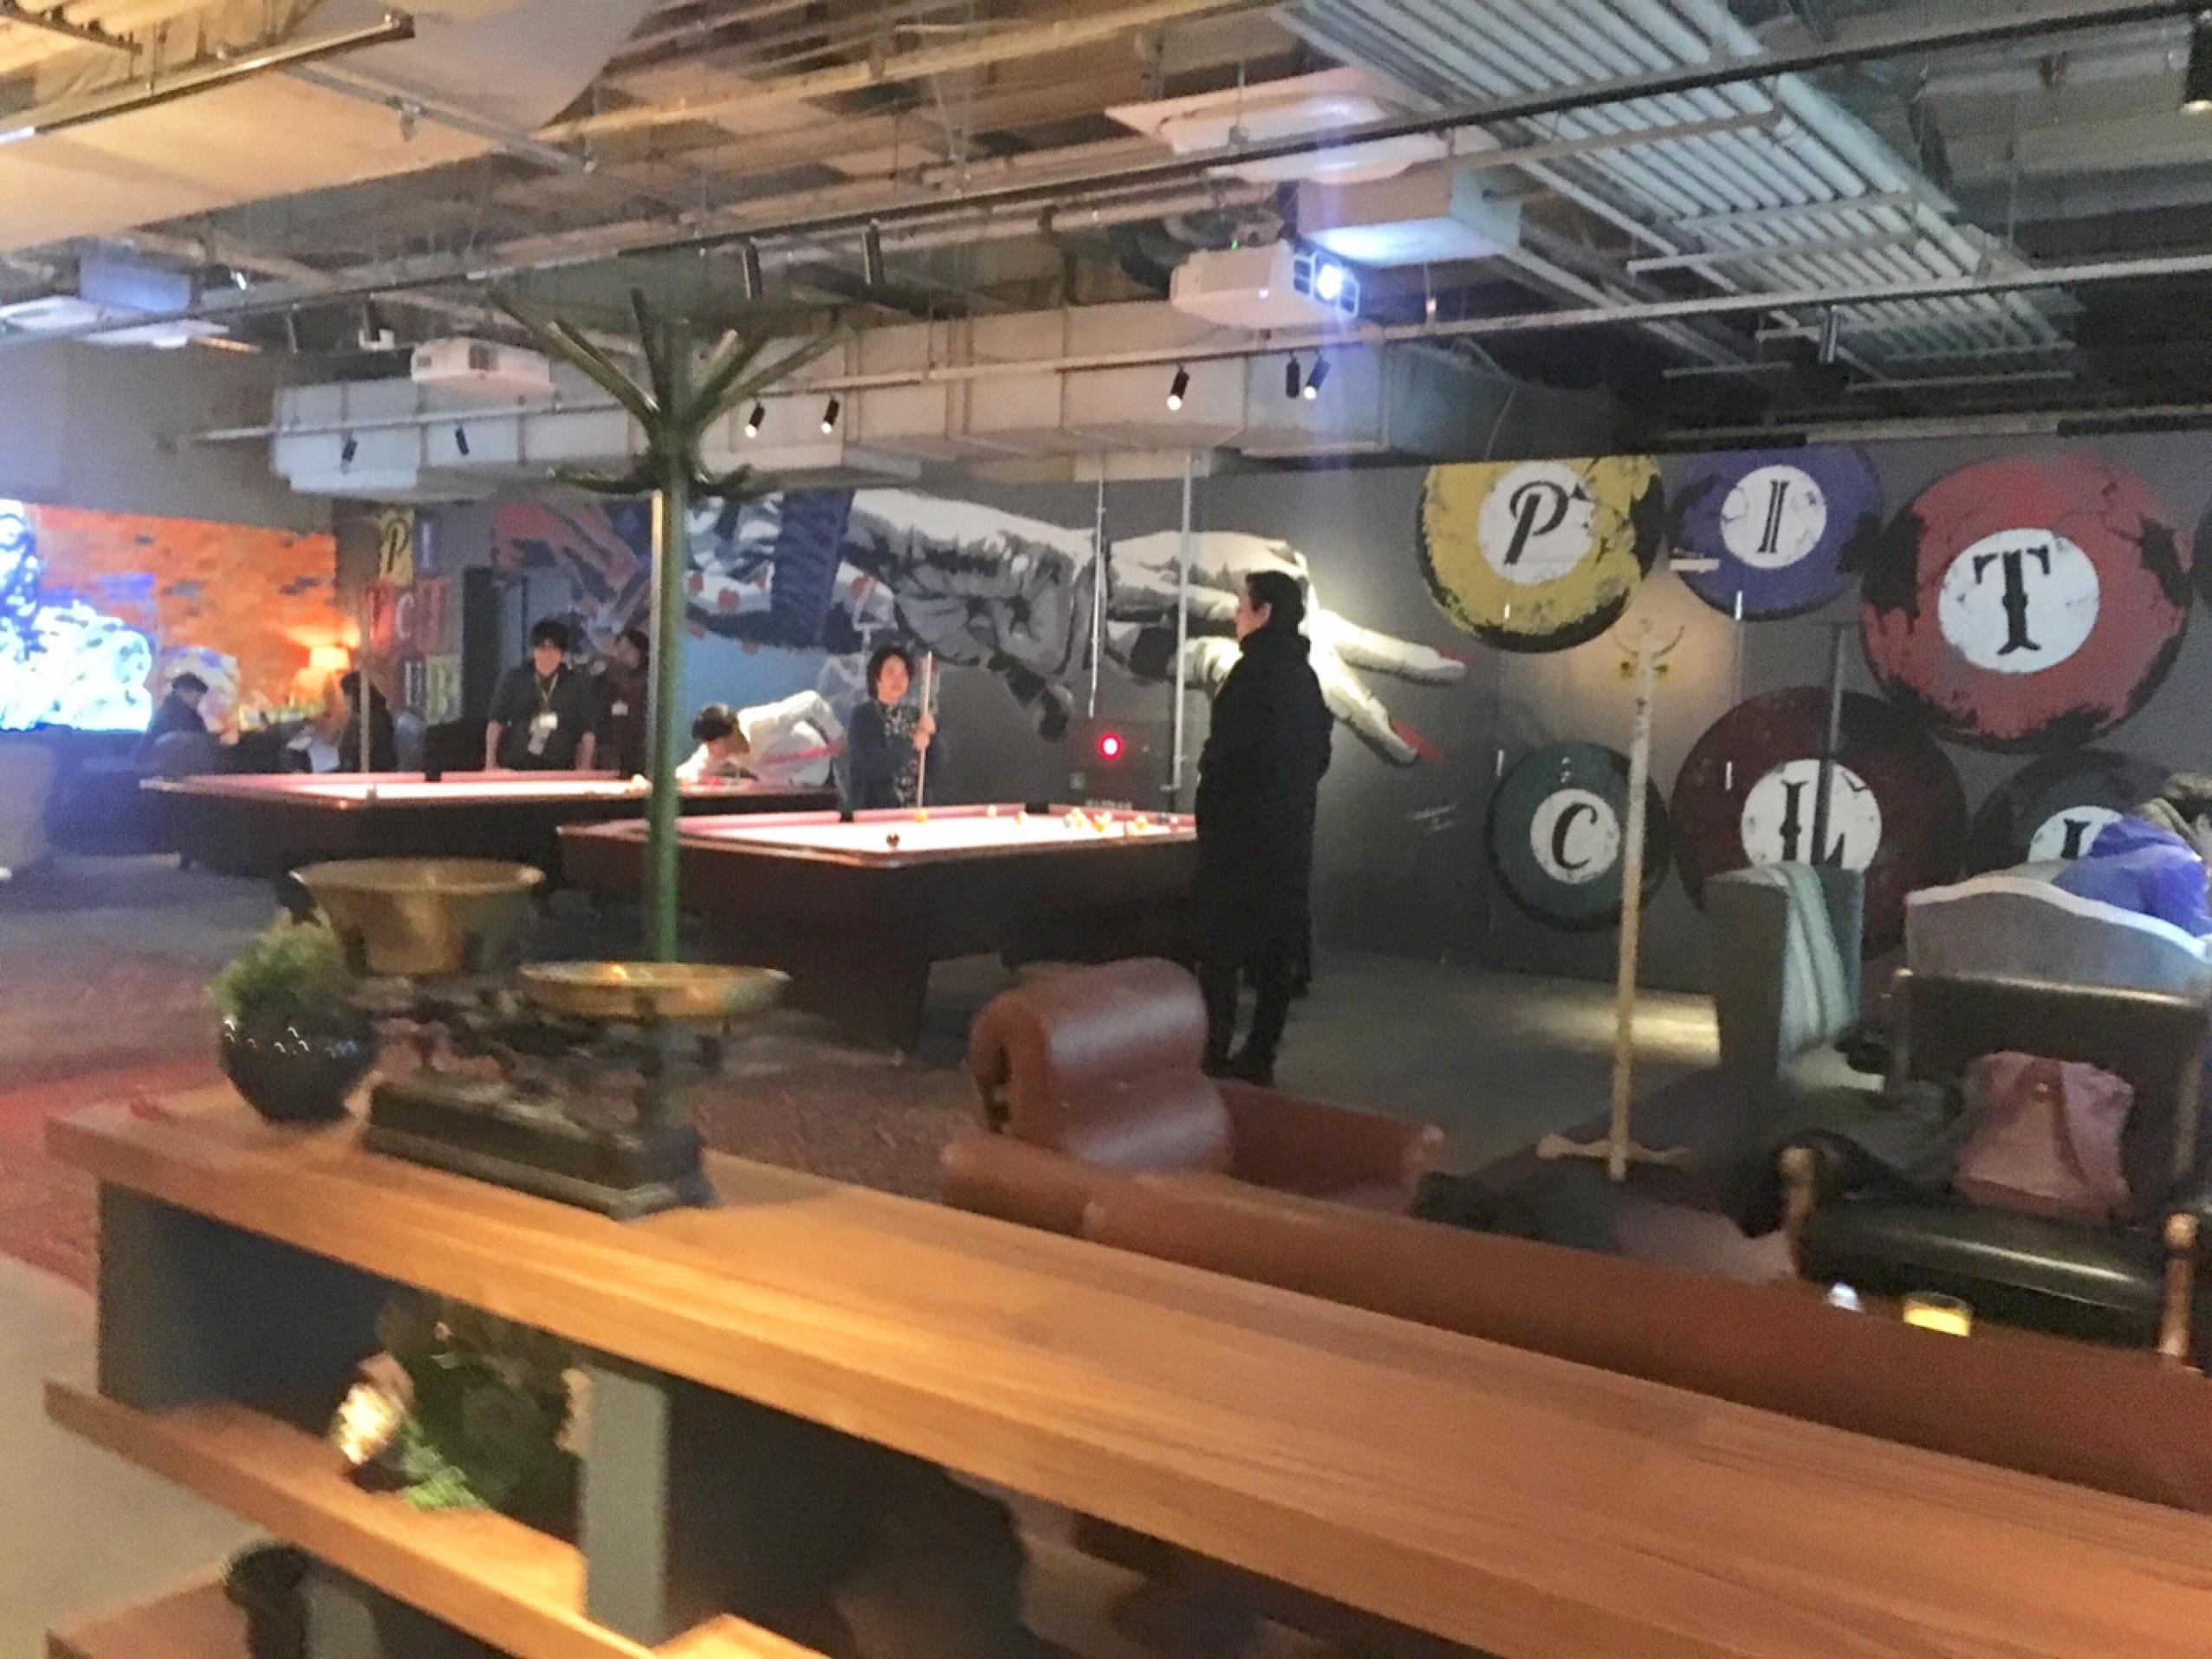 横浜駅直結『アソビル』特集 - 複合型体験エンターテインメントビル | 崎陽軒やせんべろの注目グルメ、うんこミュージアムも!_21